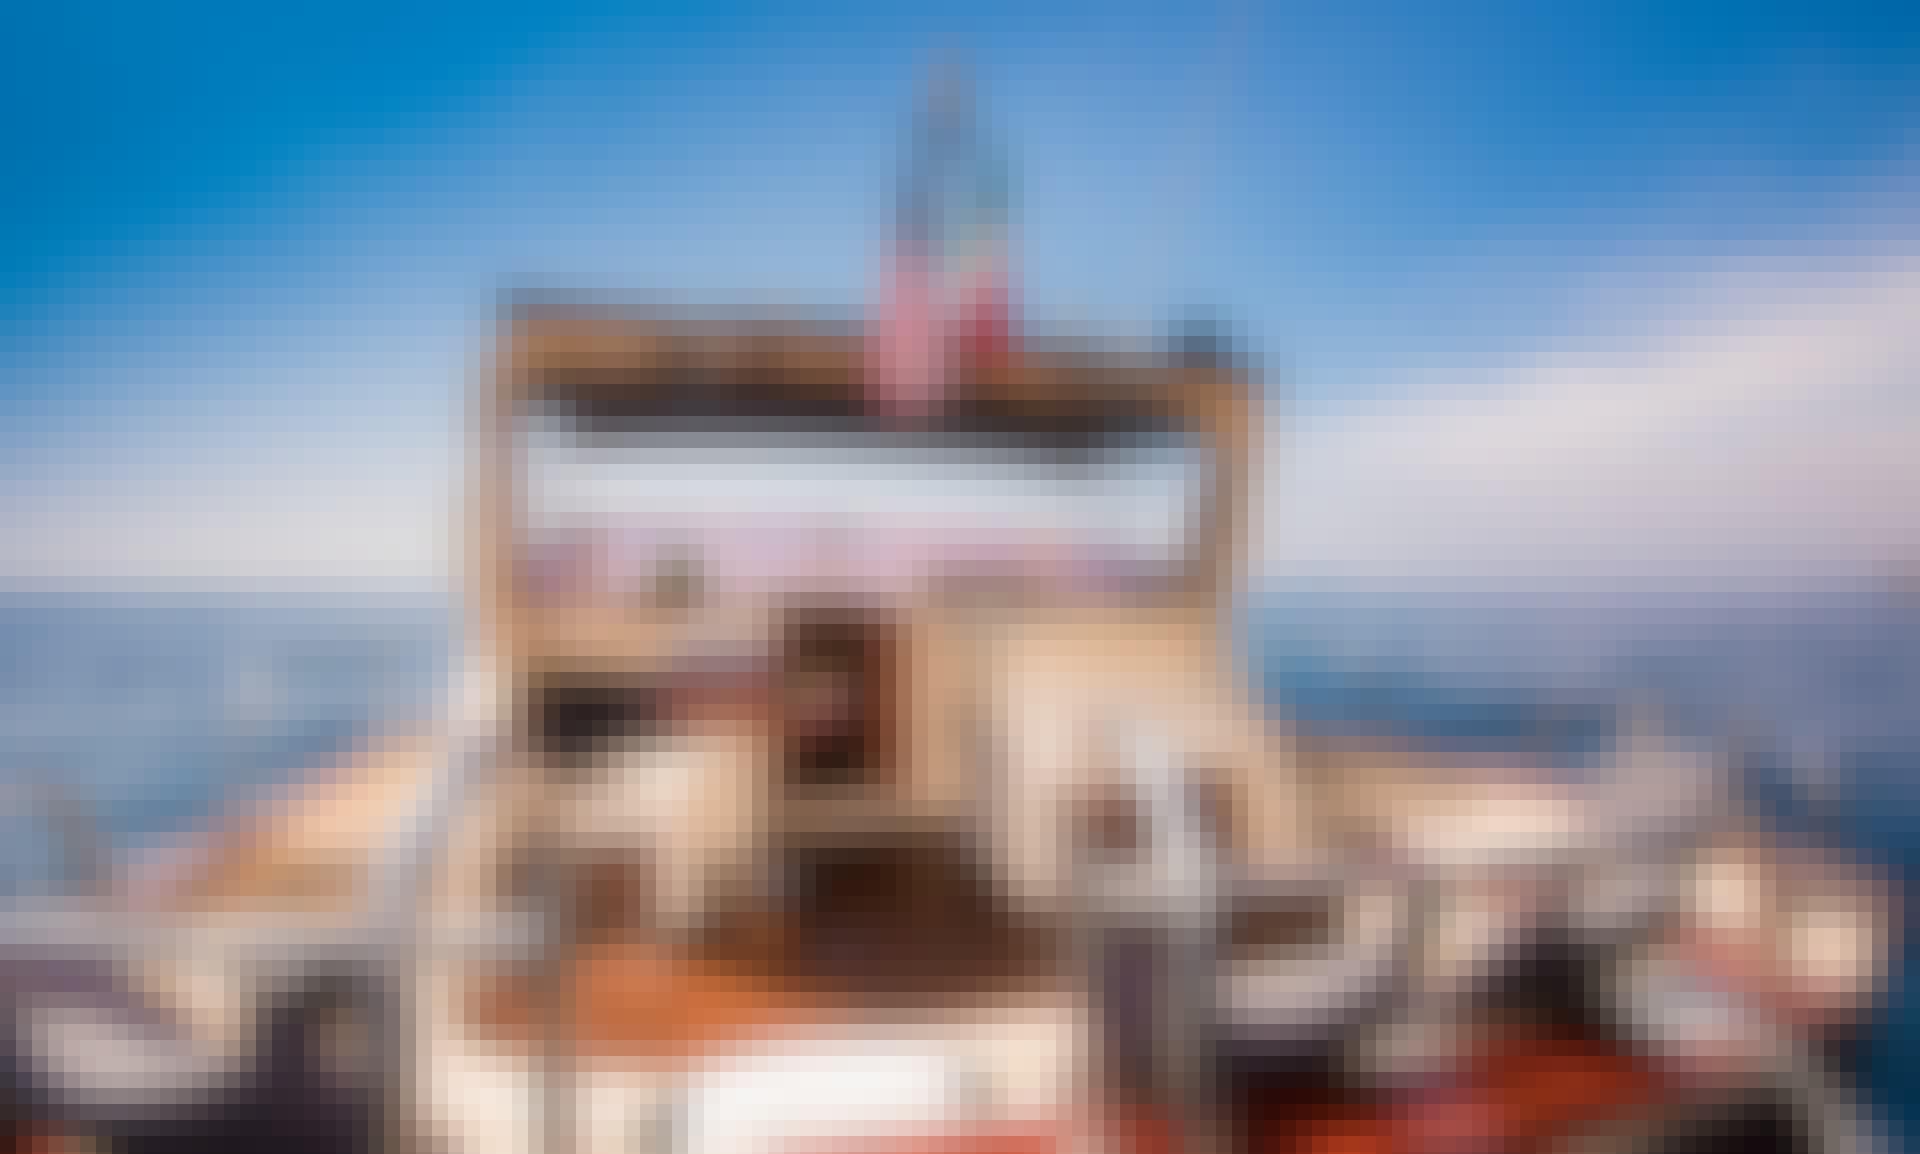 SEA LIVING amazing mini boat cruise to the gulf of naples Capri and the Amalfi coast